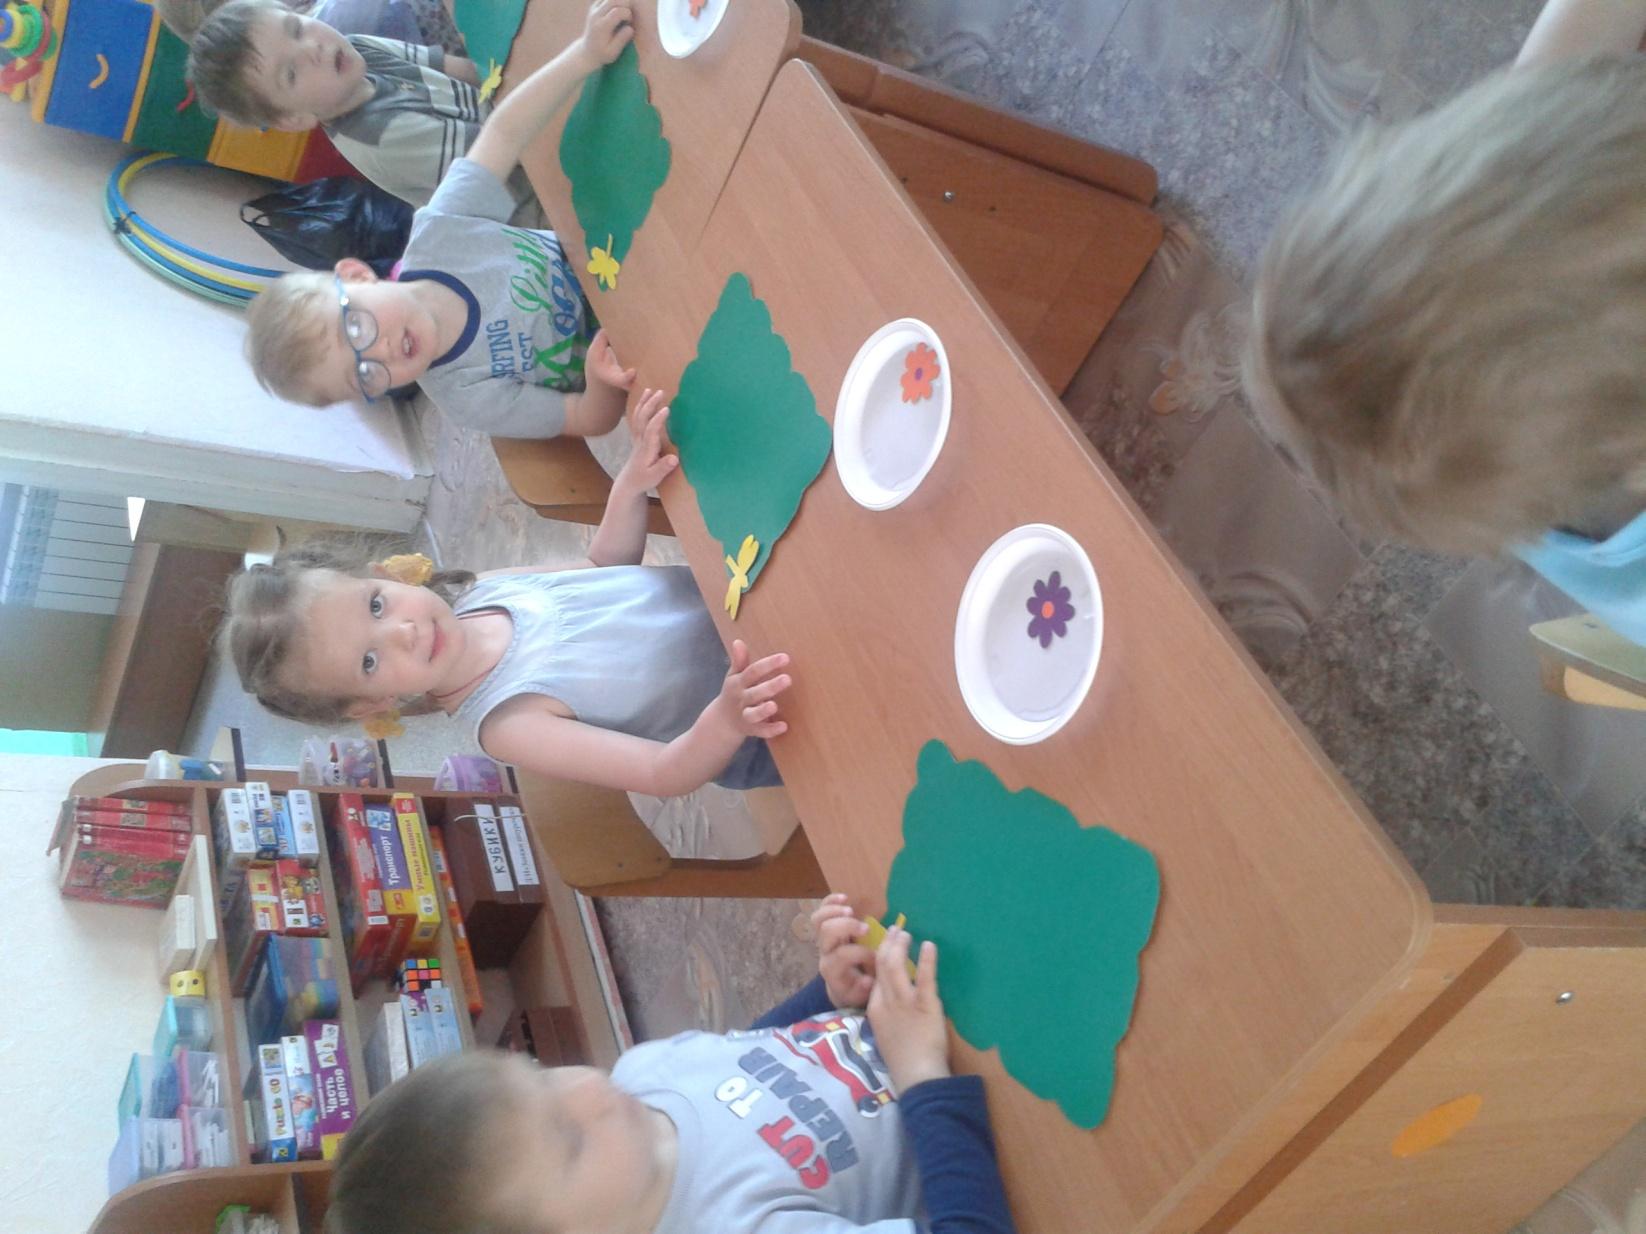 D:\детский сад\Новая папка\2015-05-20 09.50.29.jpg